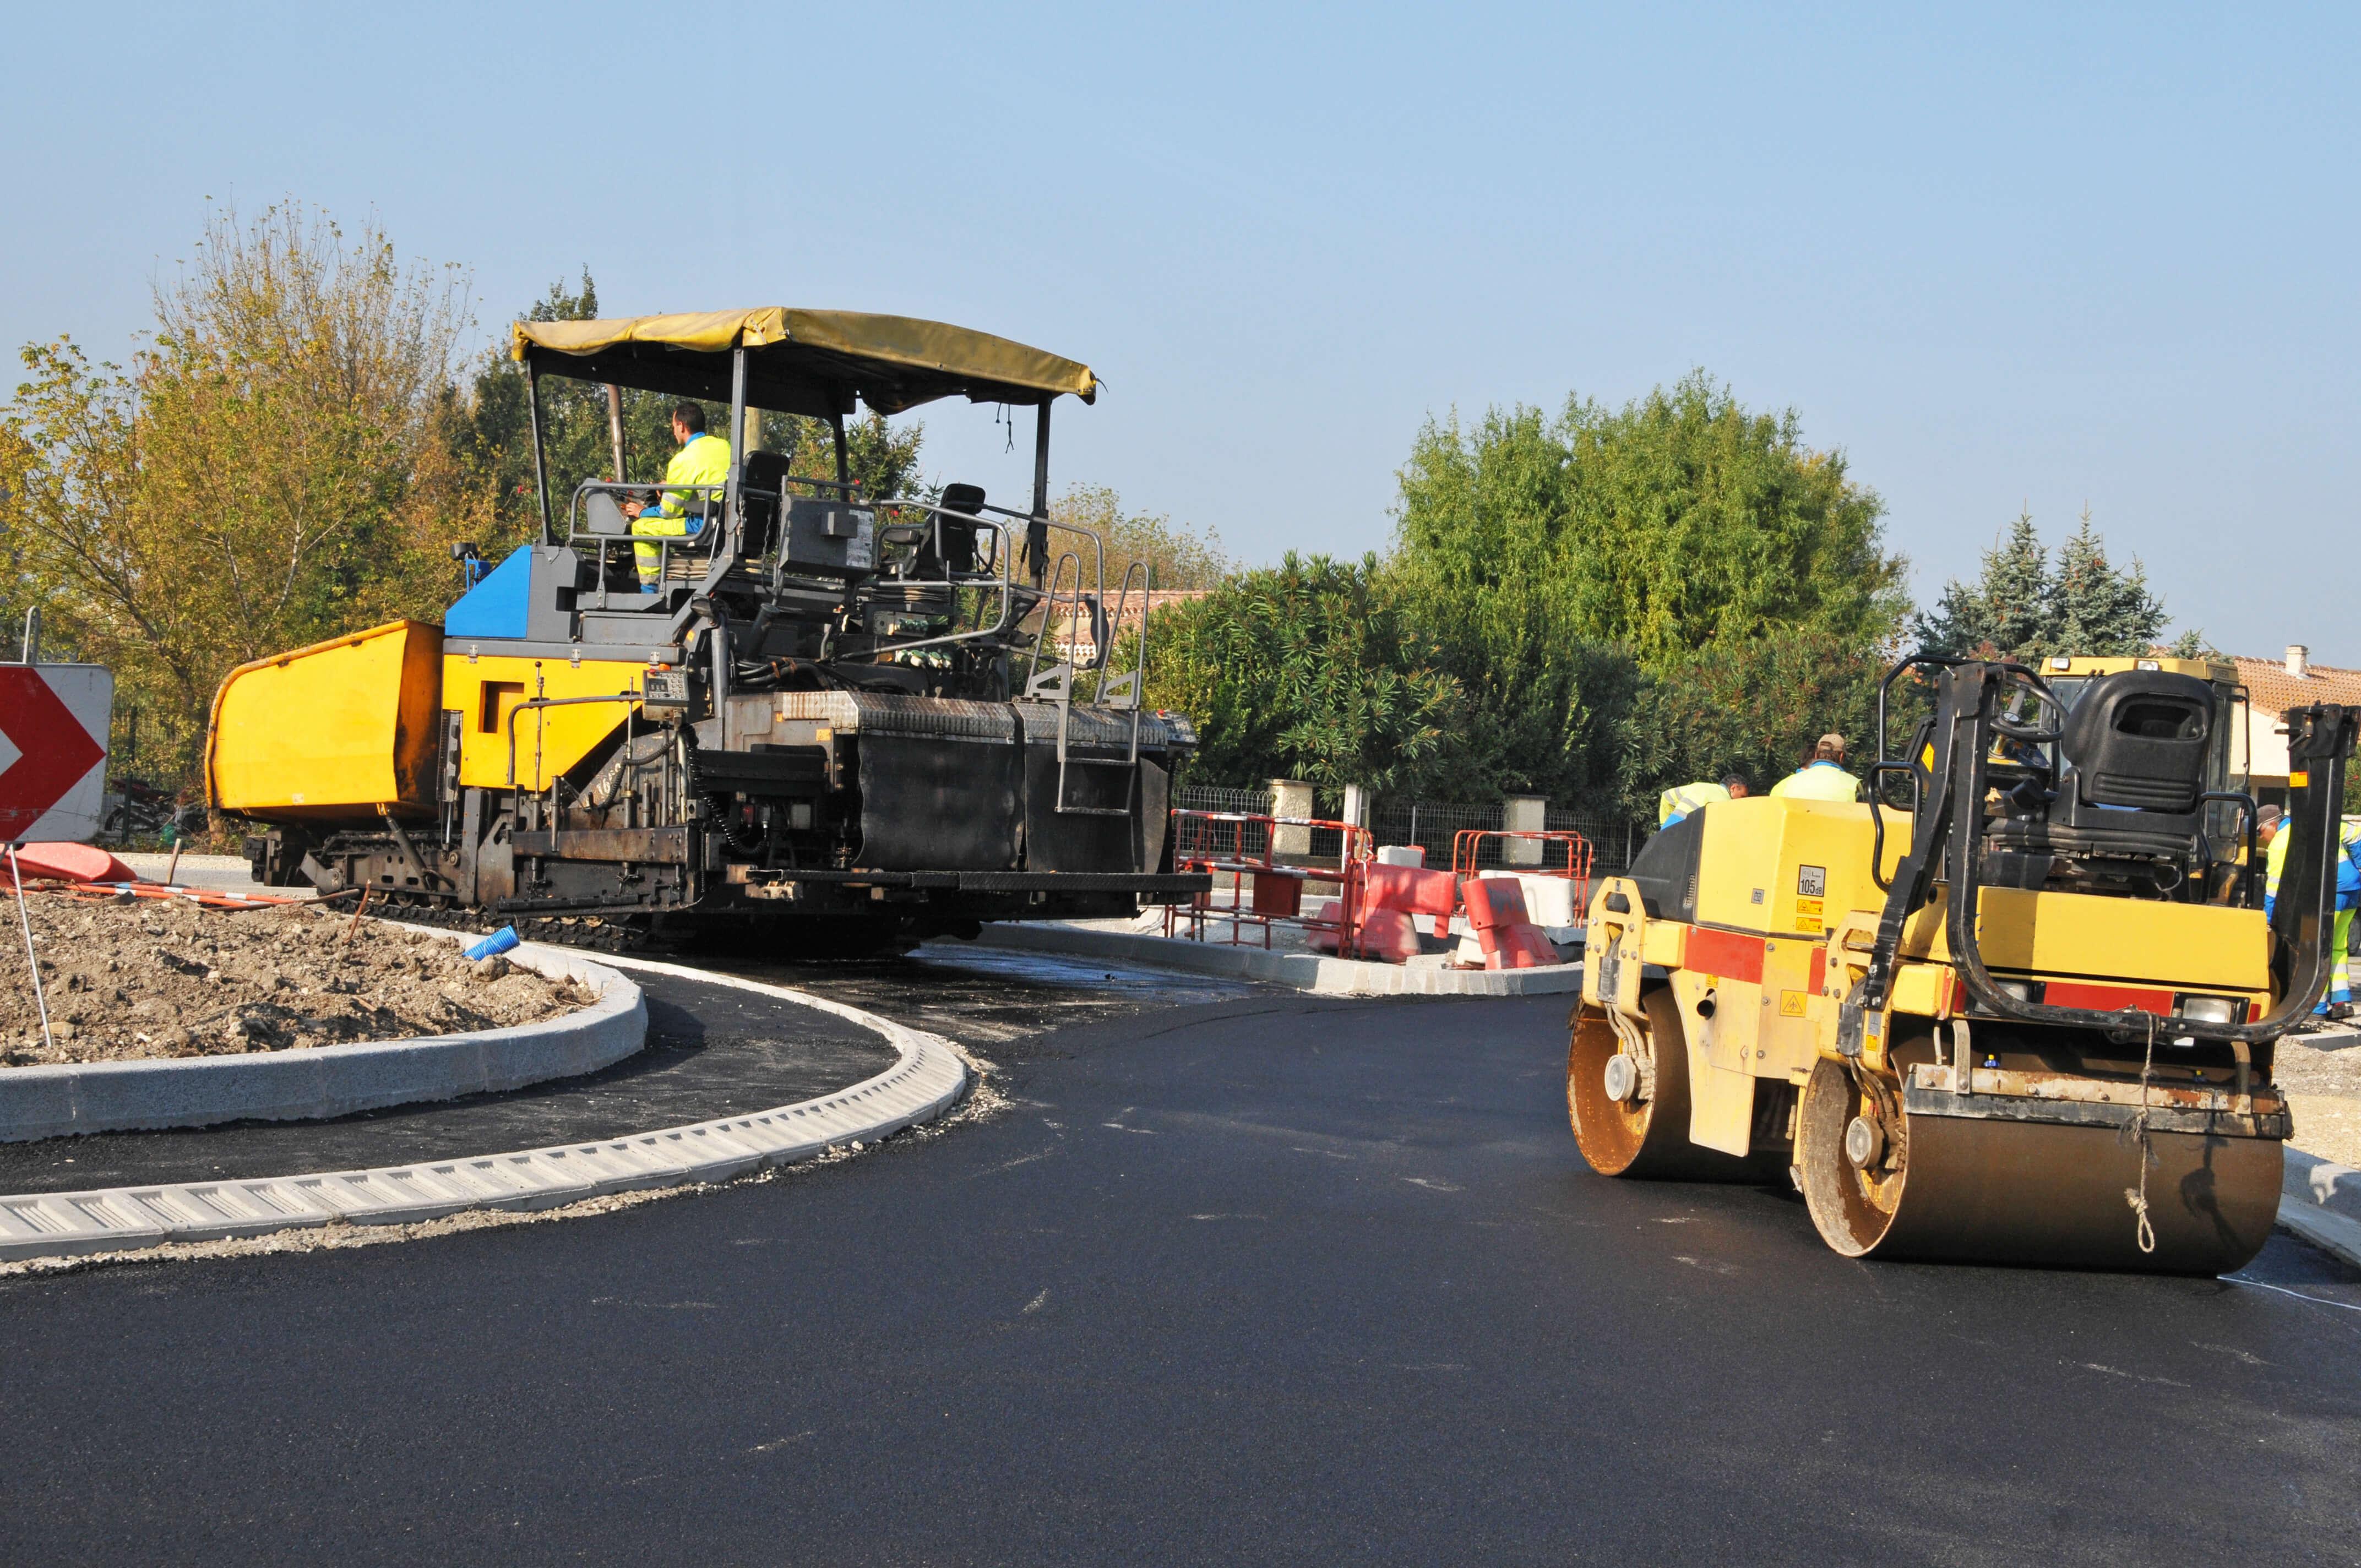 Baumaschinen beim neuen Asphaltieren von einem Kreisverkehr